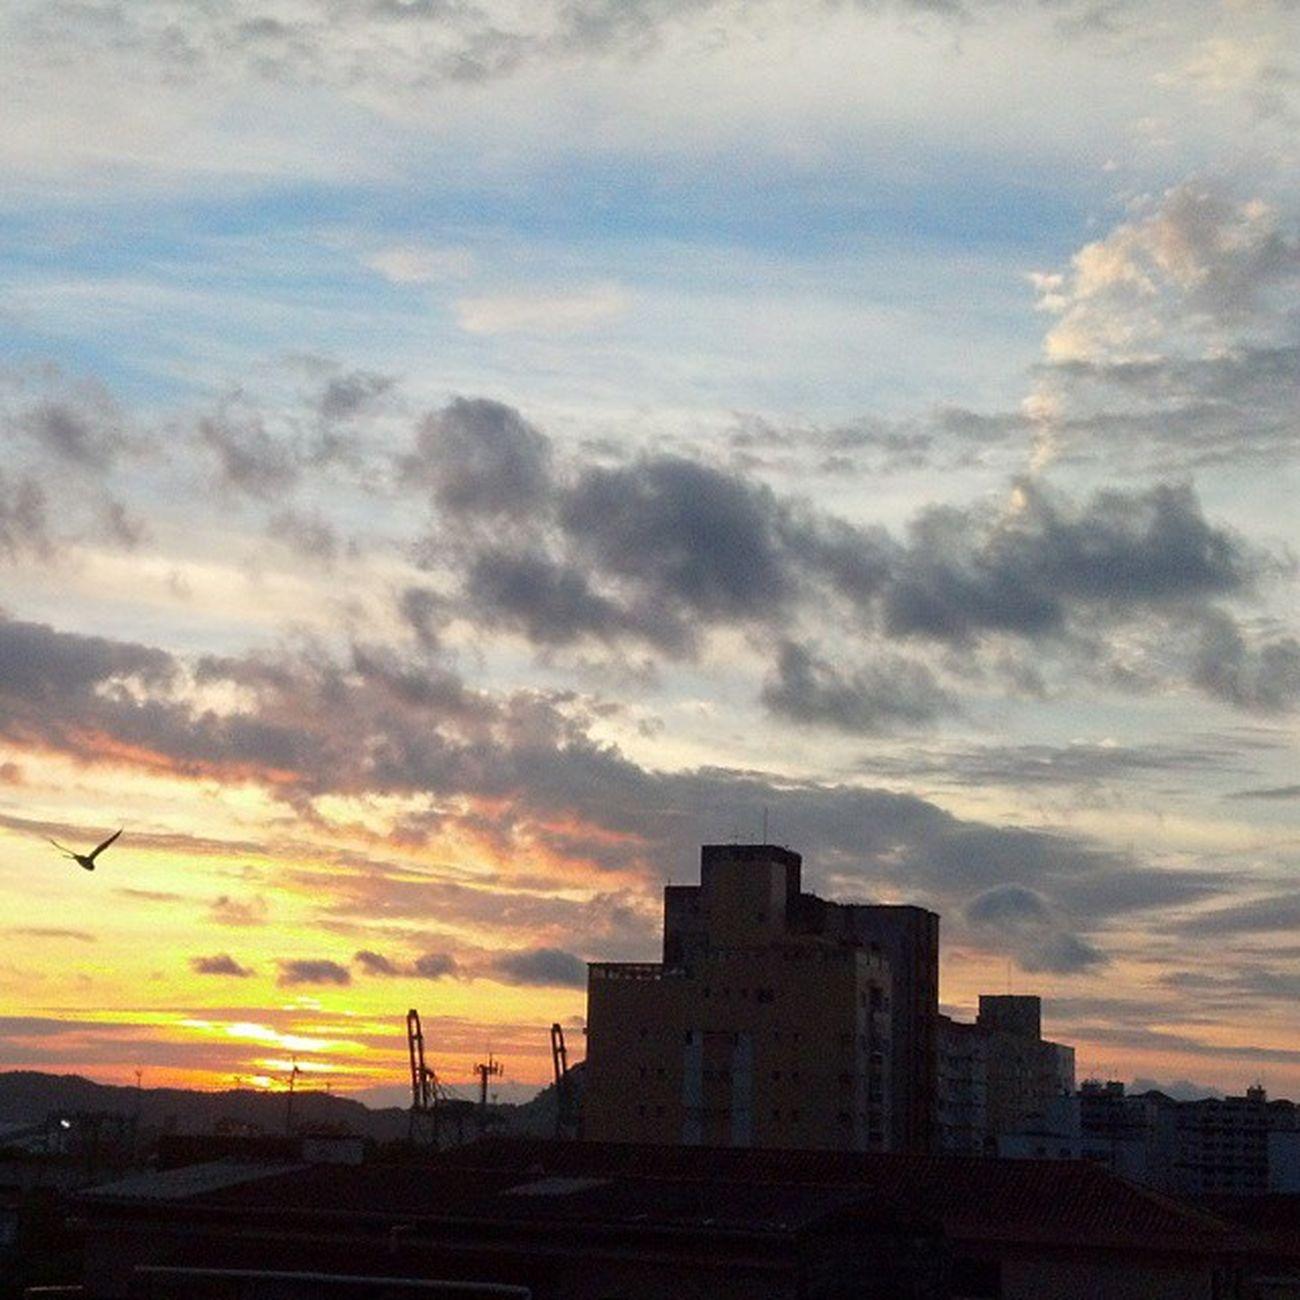 Mudaram as estações.. nada mudou (8) PorEnquanto Legiãourbana  Nofilter Semfiltro byesummer bemvindo outono bird porto Santos thankGod